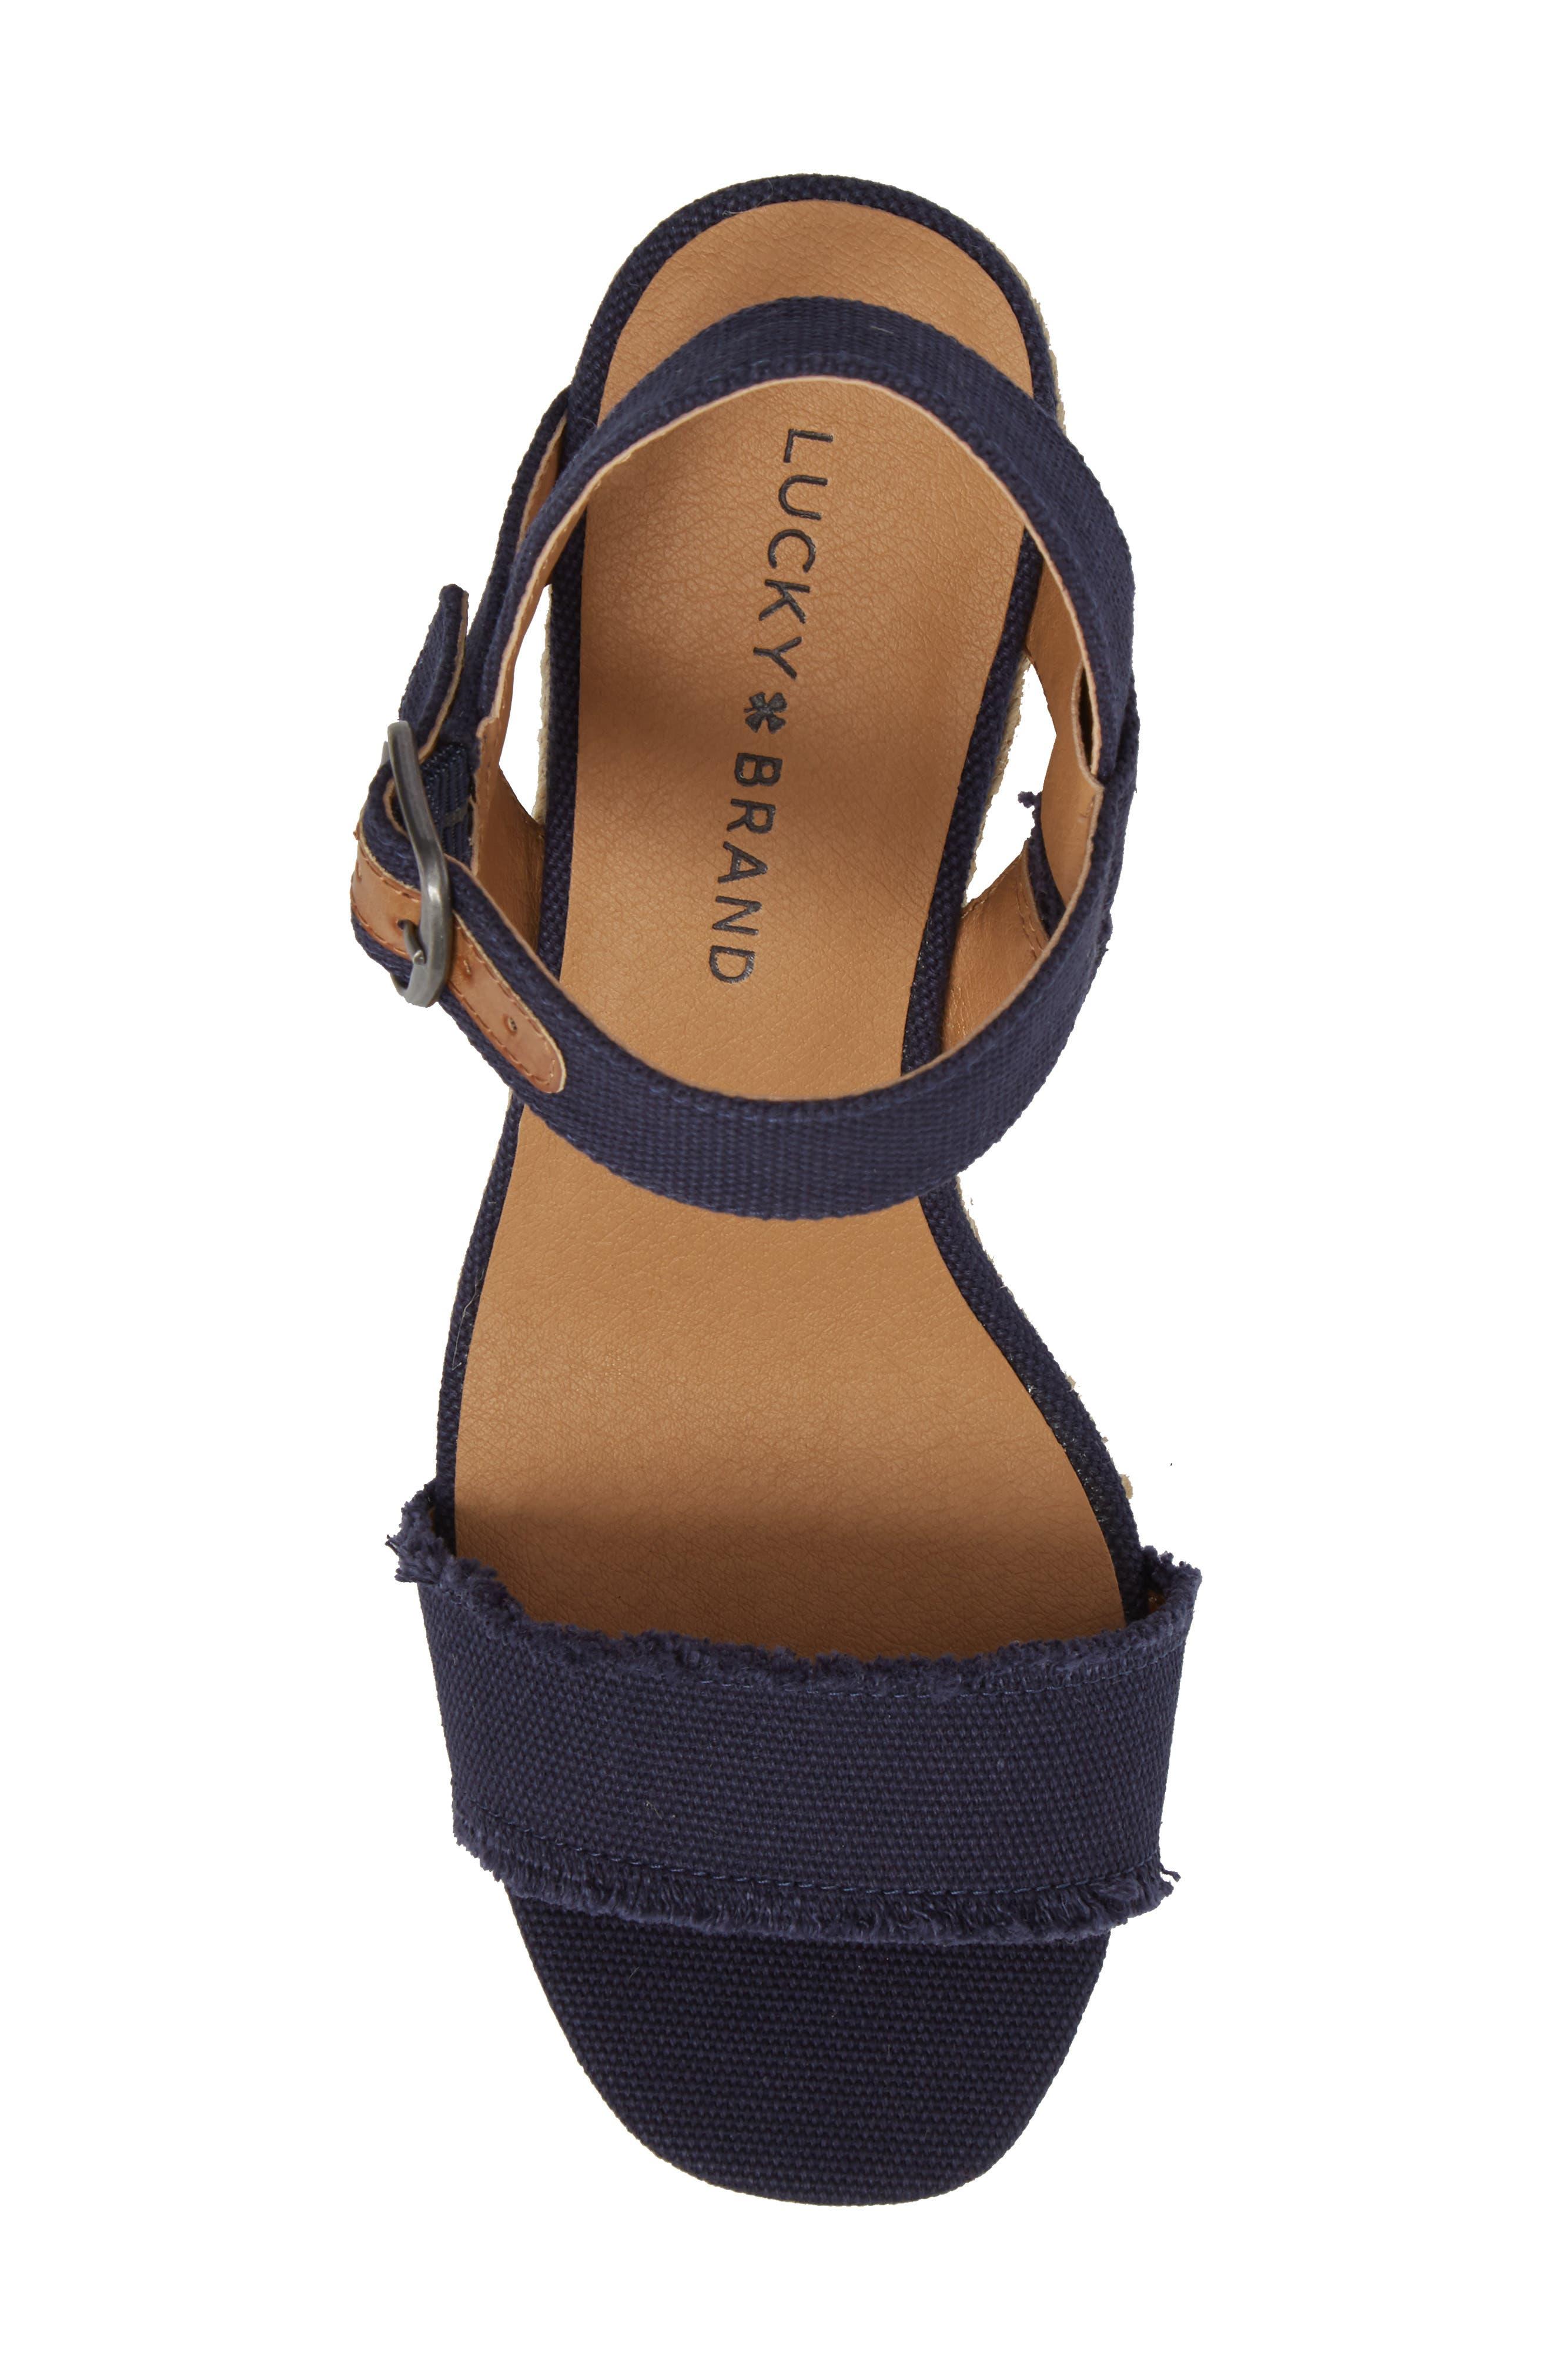 Marceline Squared Toe Wedge Sandal,                             Alternate thumbnail 32, color,